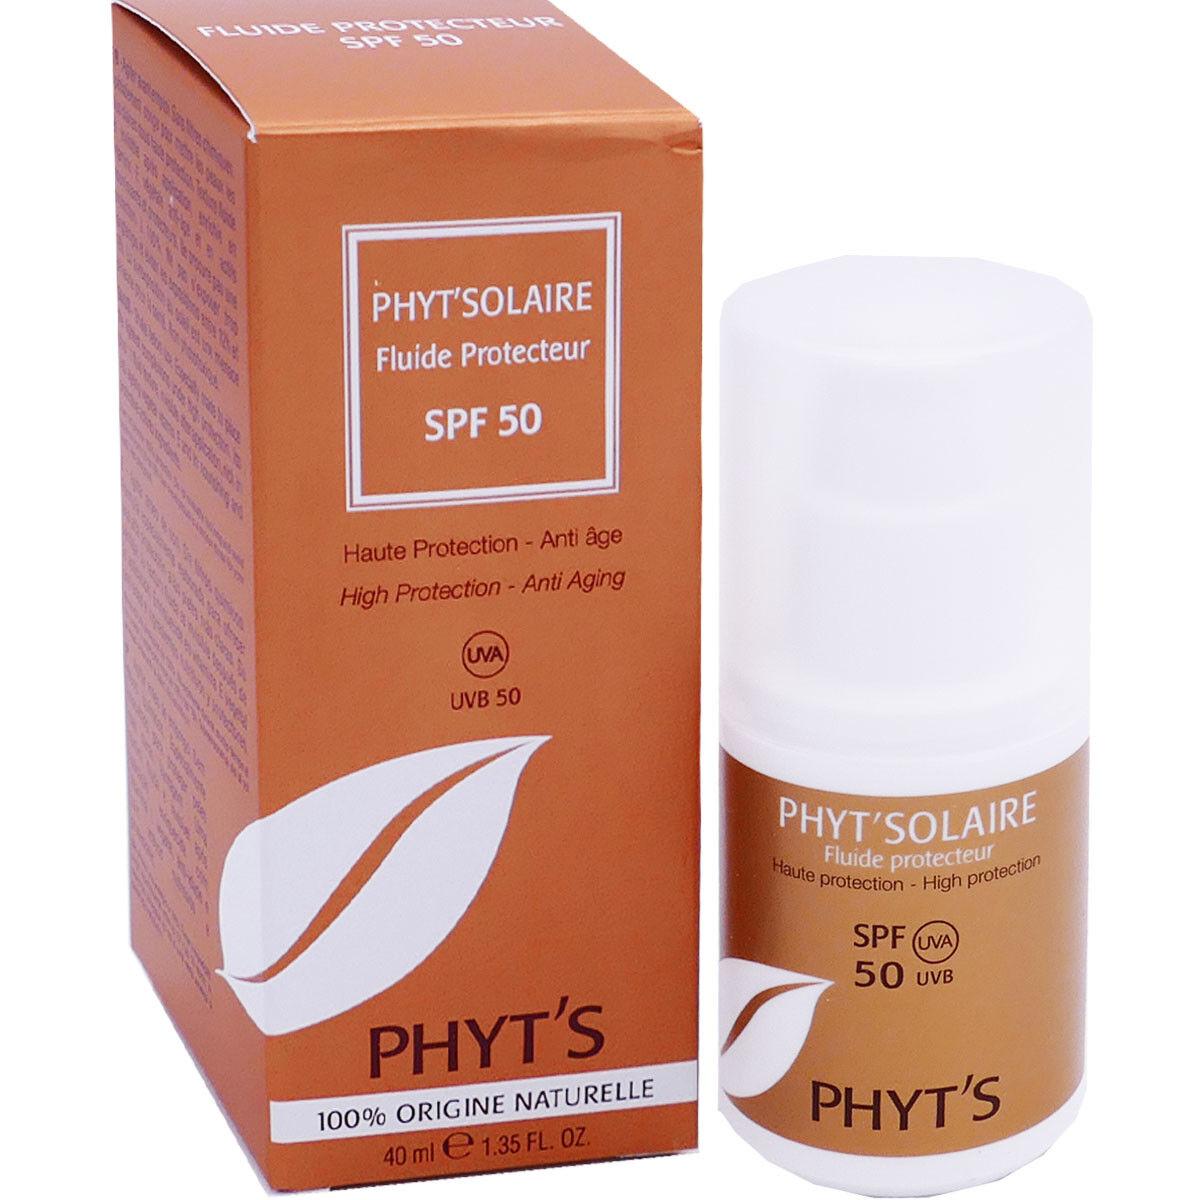 Phyt's solaire fluide protecteur spf50 40 ml